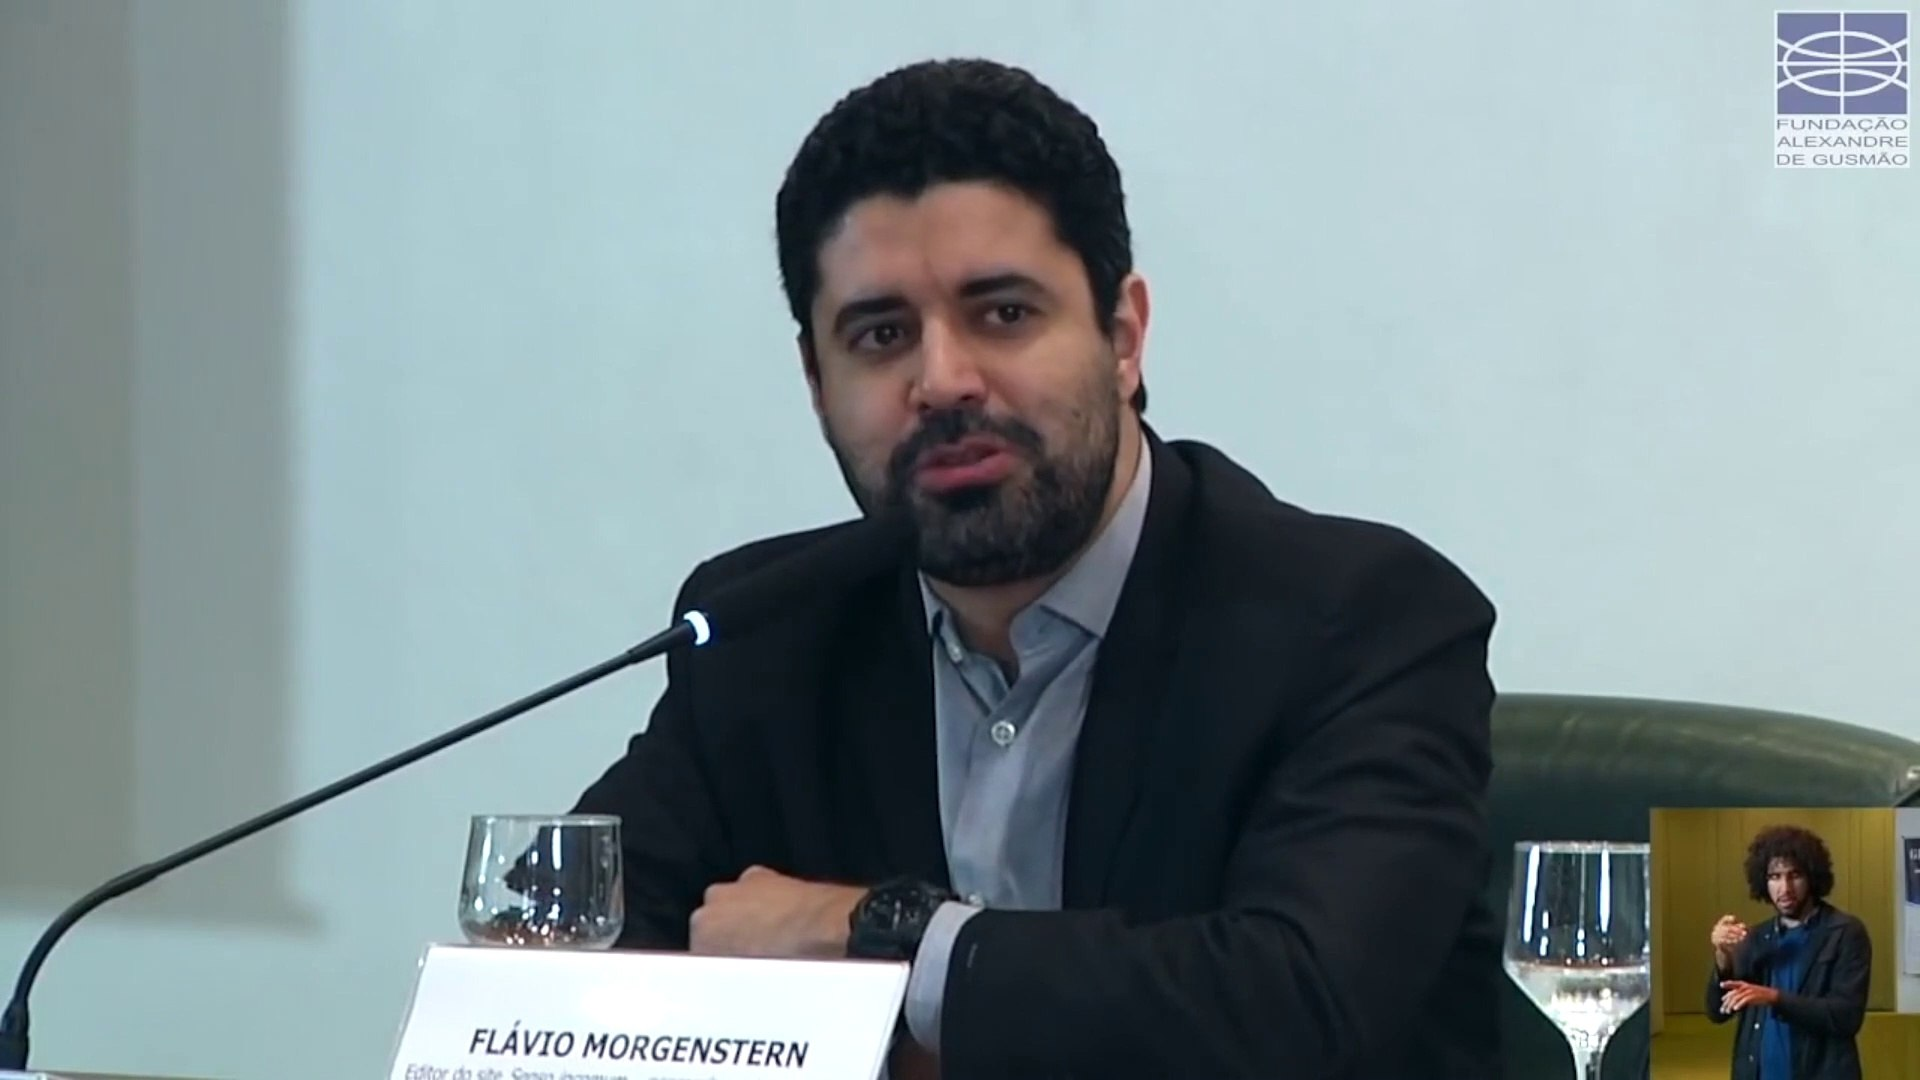 Seminário Globalismo: Flávio Morgenstern, escritor, analista político e editor do site Senso incomum (10/06/2019) - Vídeo Dailymotion